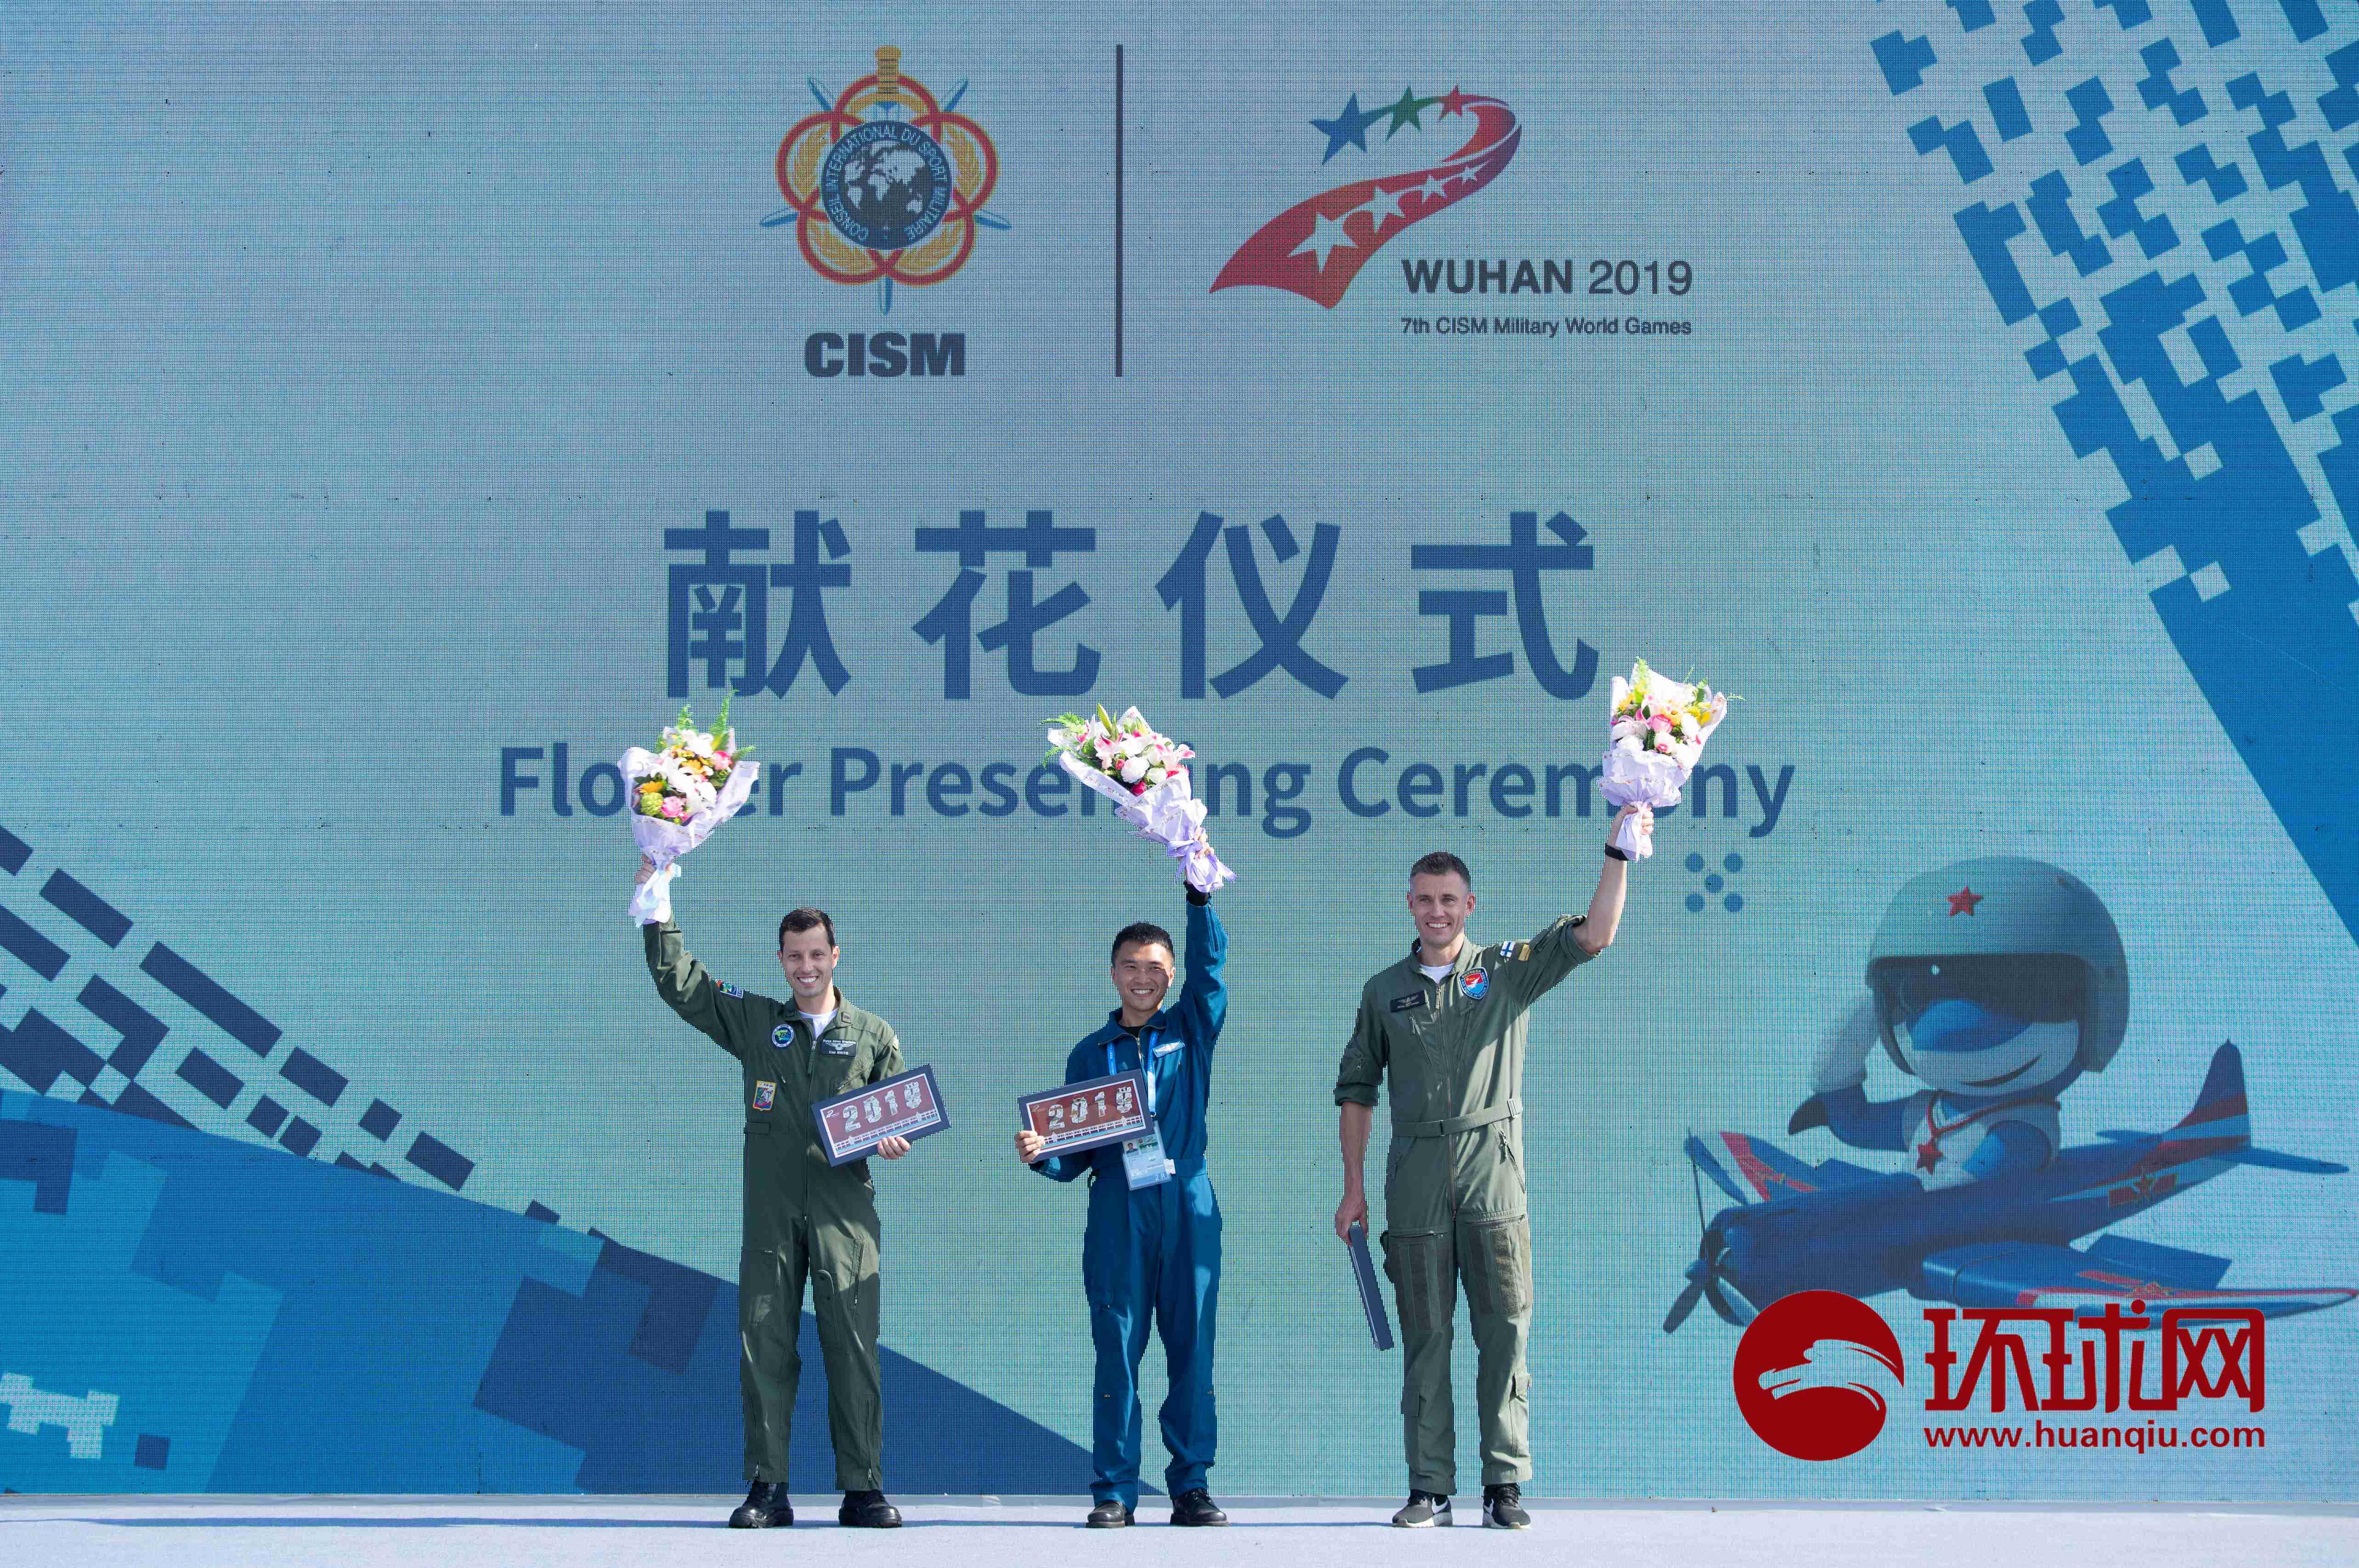 军运会空军五项飞行比赛 中国队员廖伟华力压群雄夺金